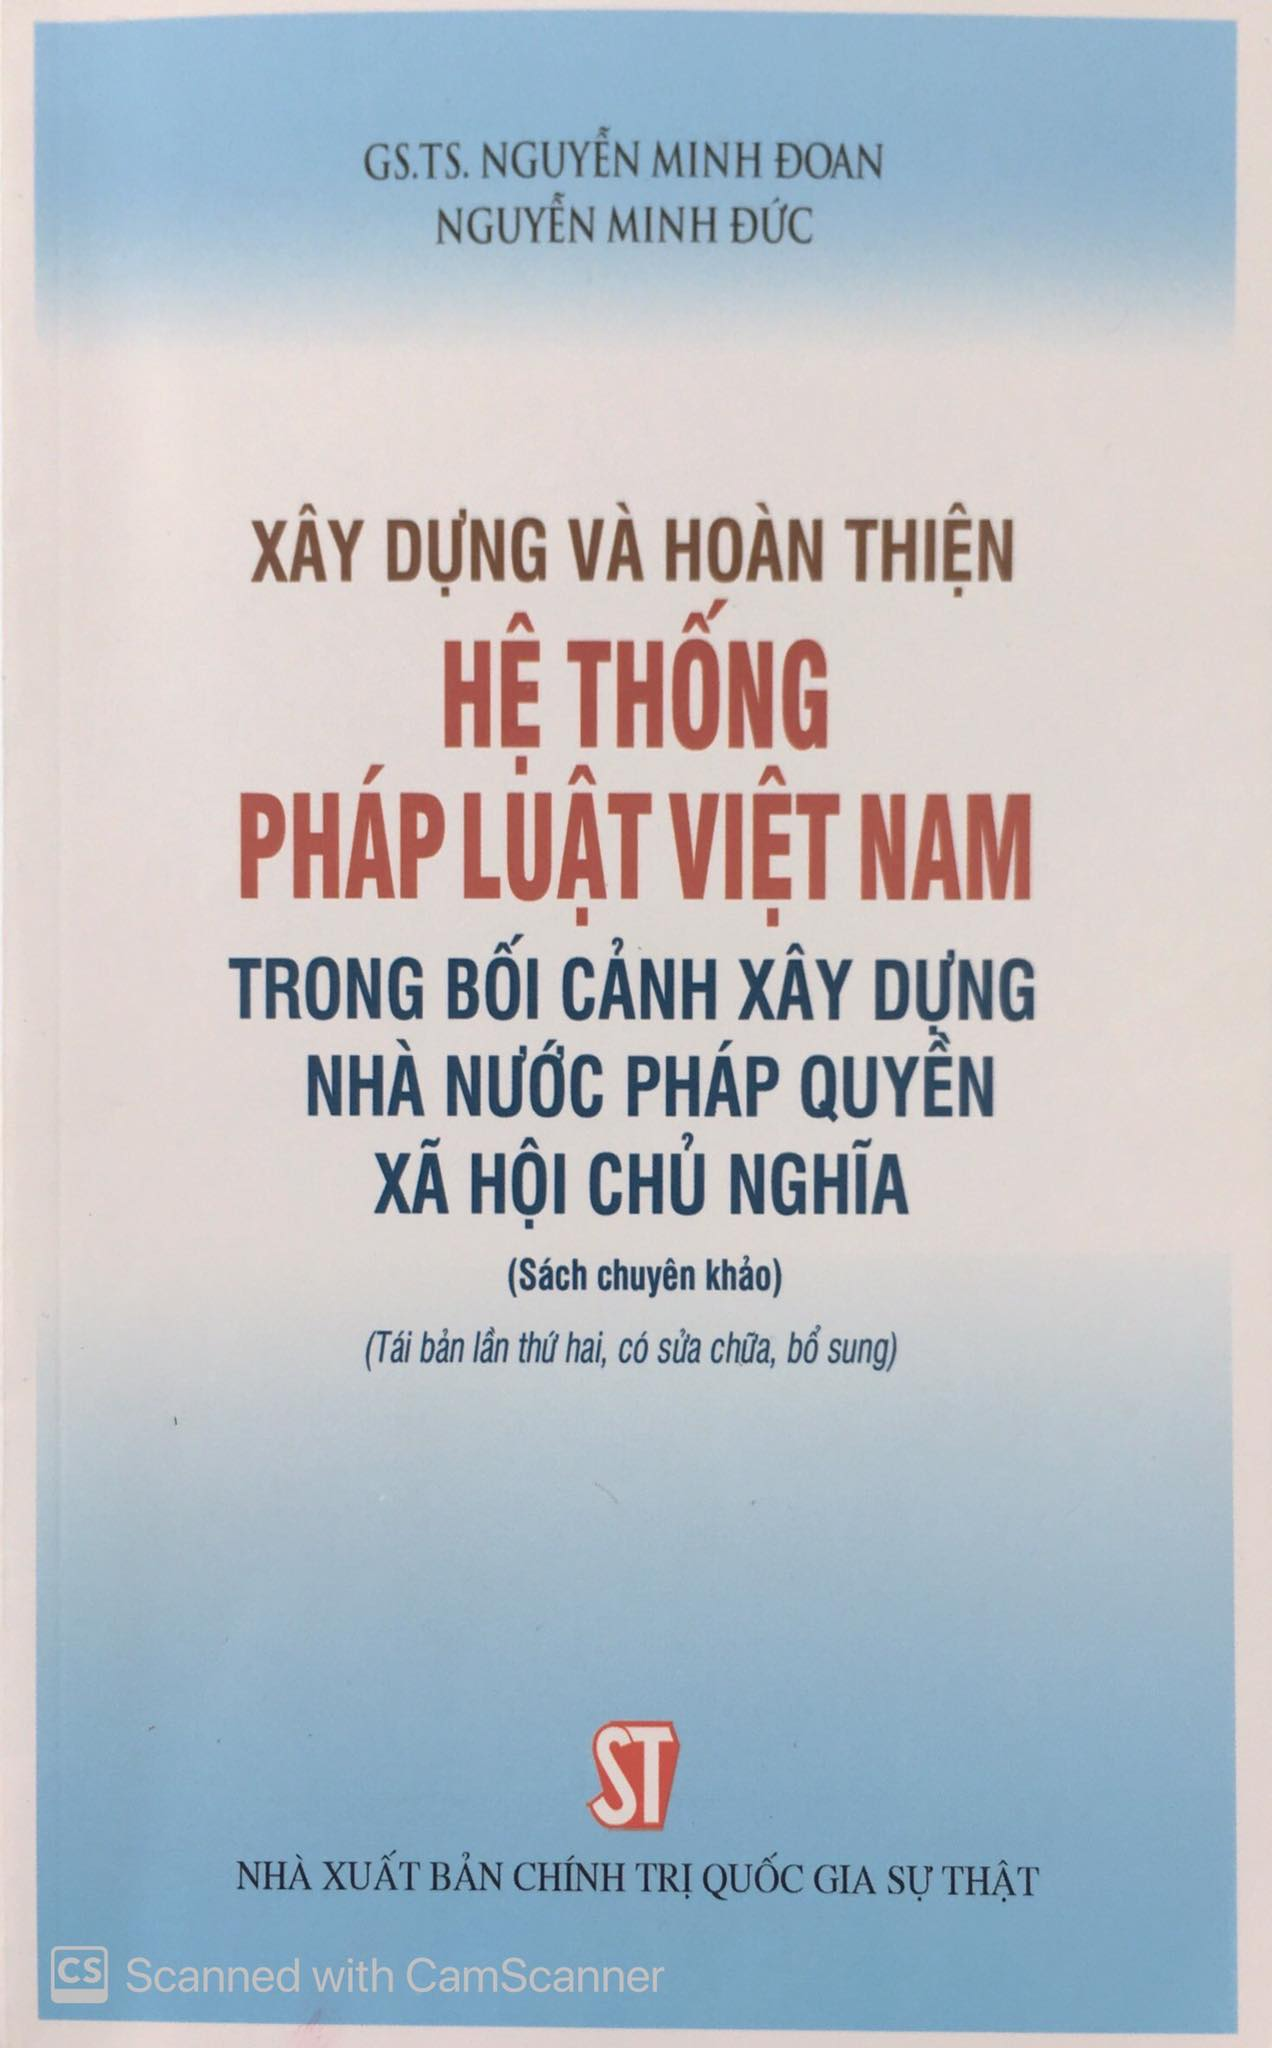 Xây dựng và hoàn thiện hệ thống pháp luật Việt Nam trong bối cảnh xây dựng Nhà nước pháp quyền xã hội chủ nghĩa (Sách chuyên khảo) (Tái bản lần thứ hai, có sửa chữa, bổ sung)